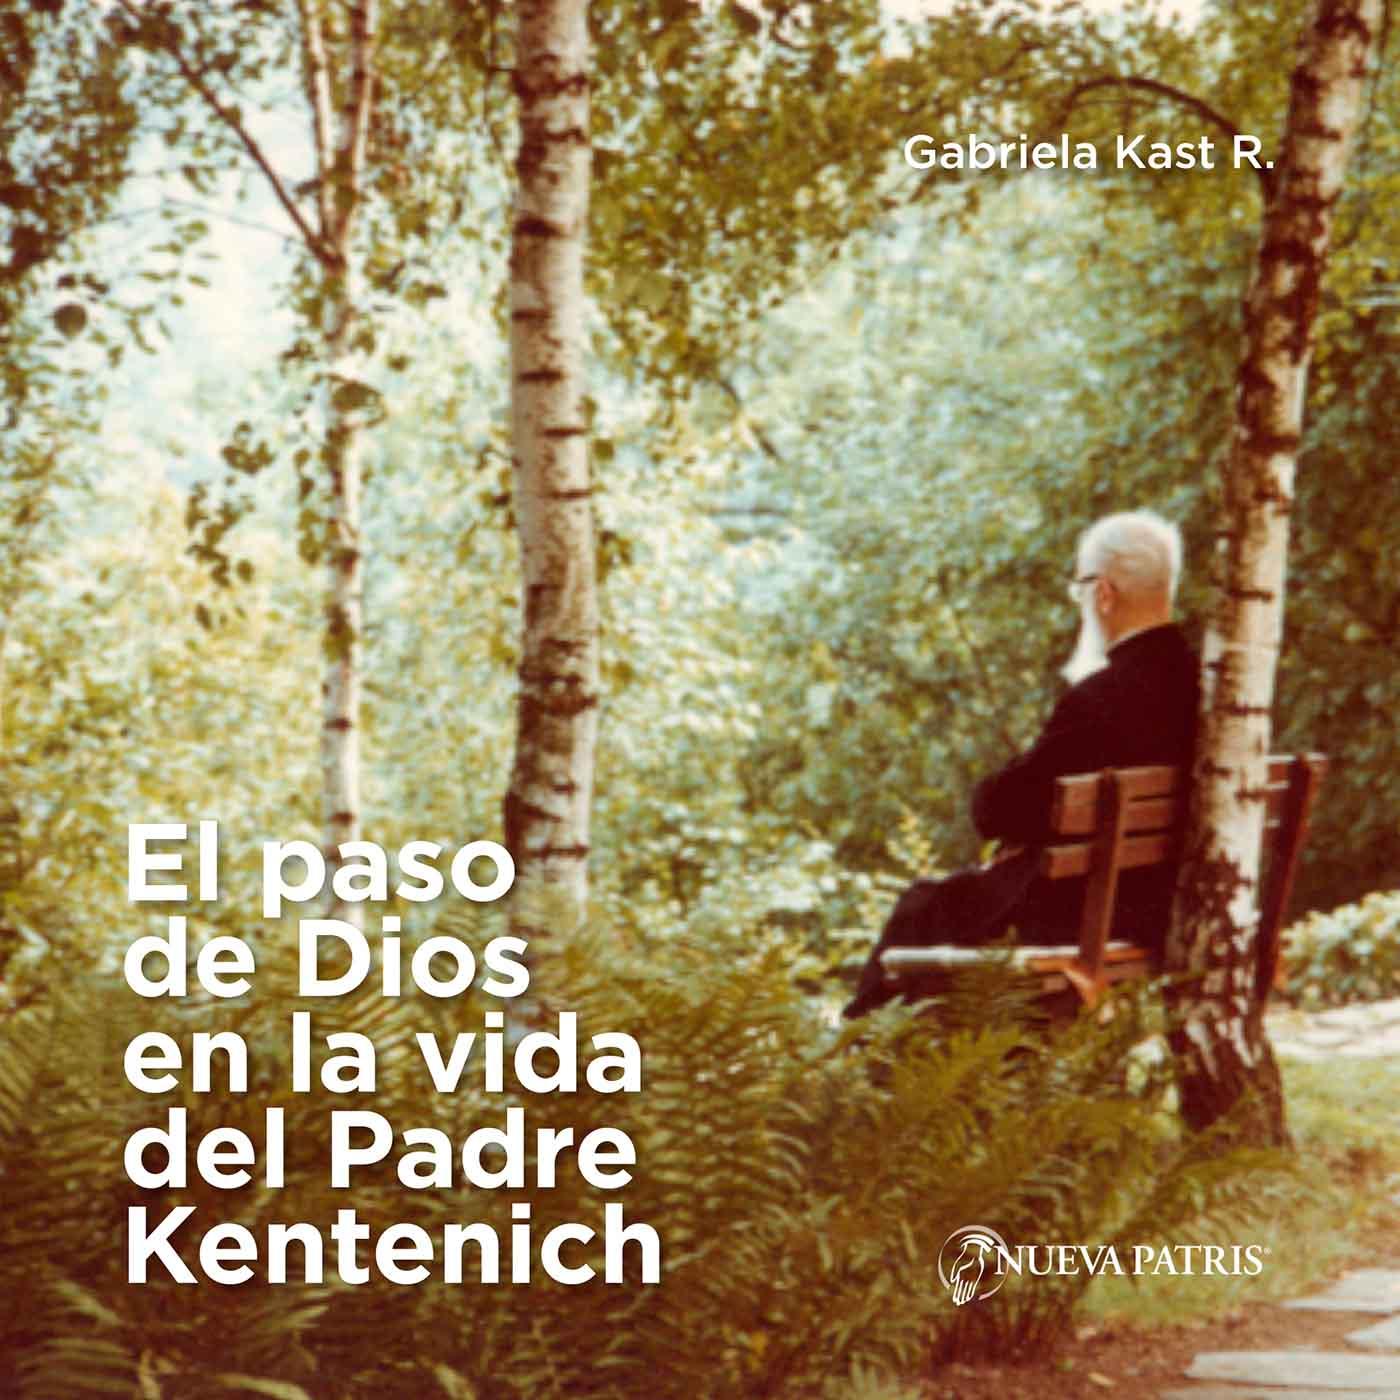 El paso de Dios en la vida del Padre Kentenich